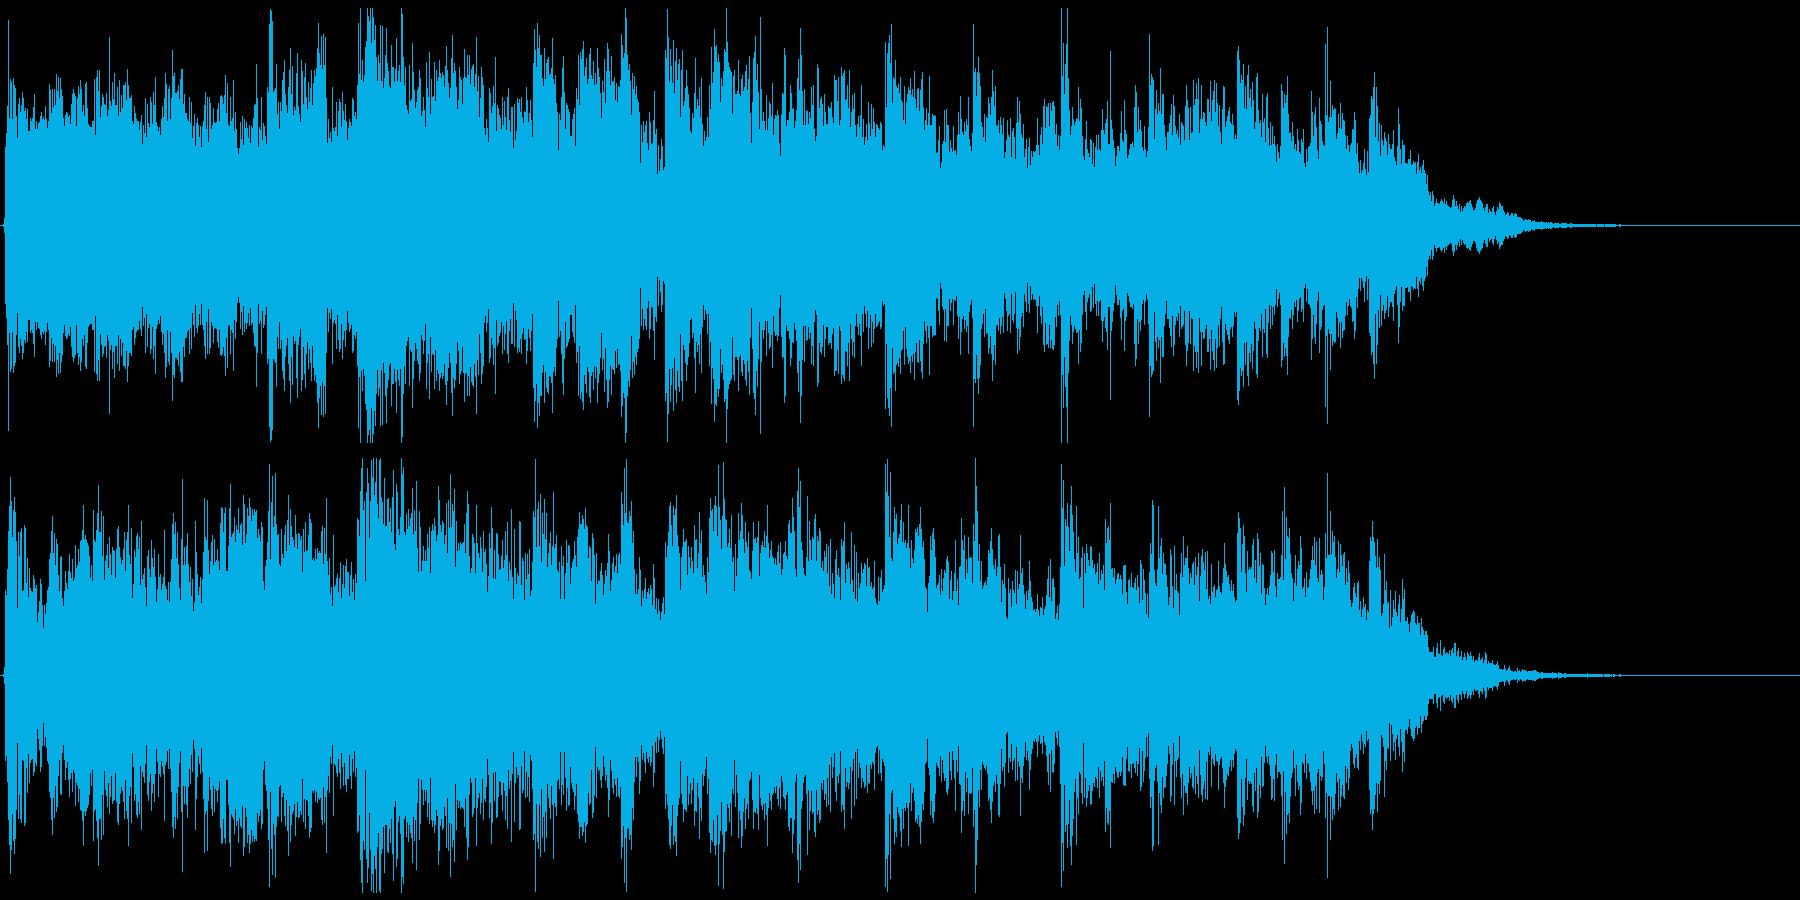 鬼気迫る和太鼓と篠笛のジングル CM等にの再生済みの波形